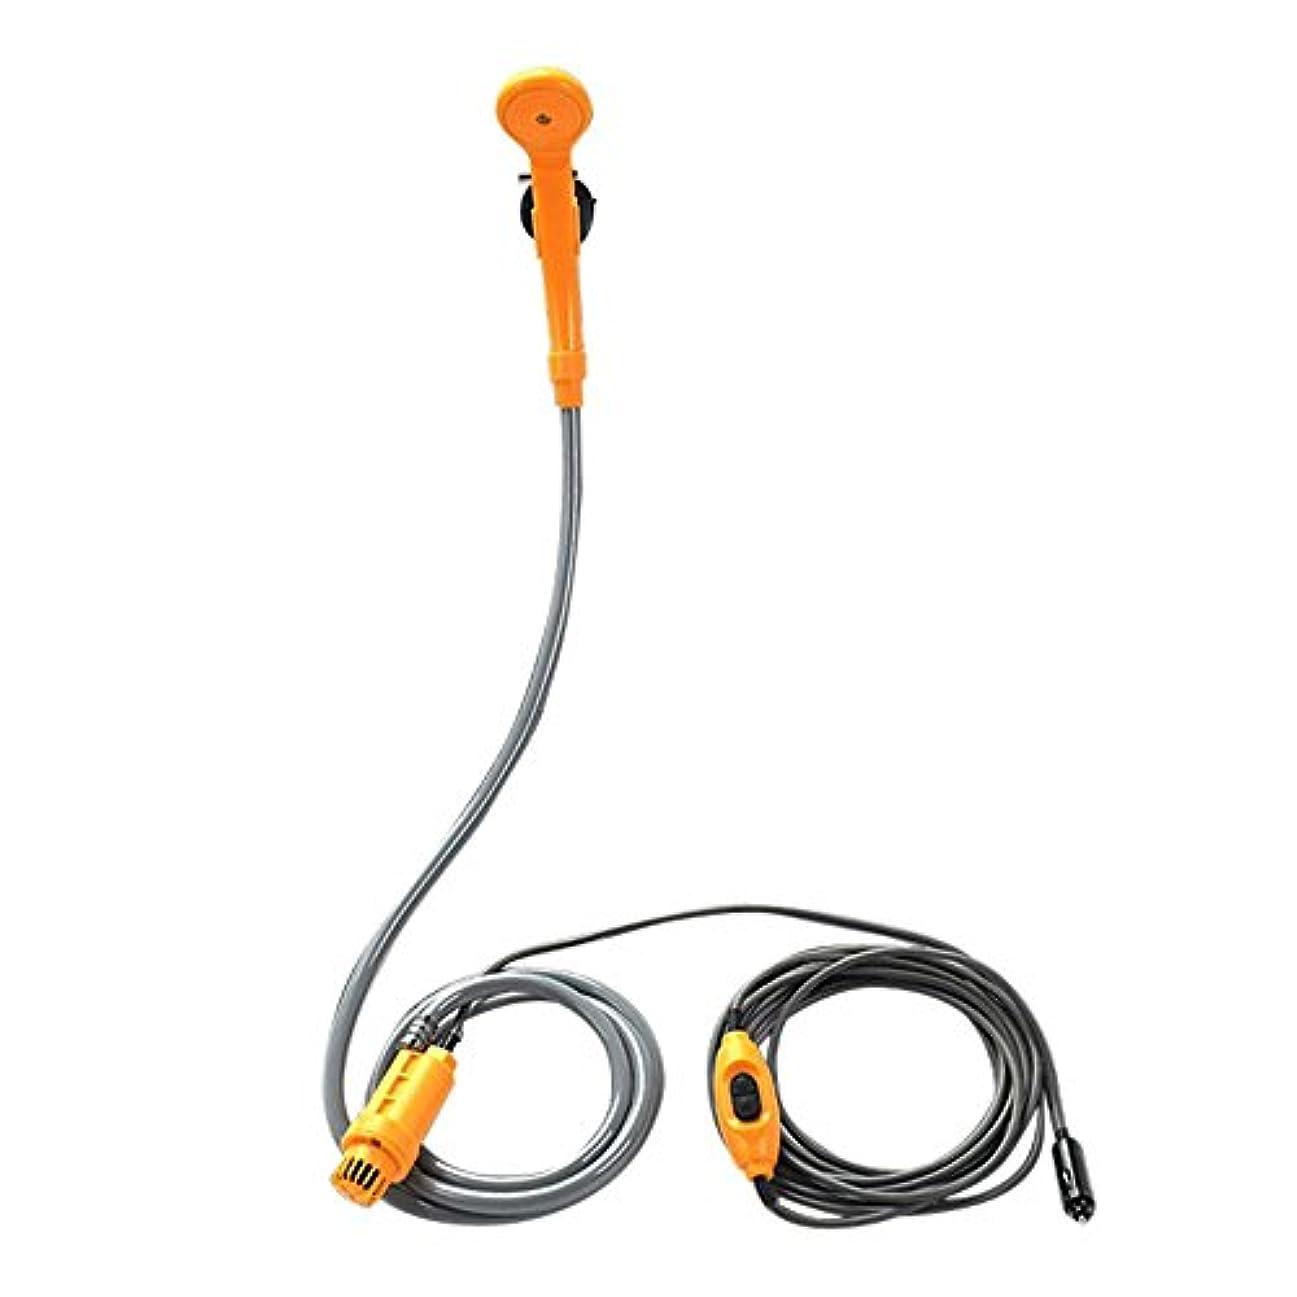 ブローホール公平量でポータブルシャワー シガーソケット対応 (ladyclare) 簡易シャワー 12V 水量調整機能 サーフィン 海水浴 キャンプ シガーソケット